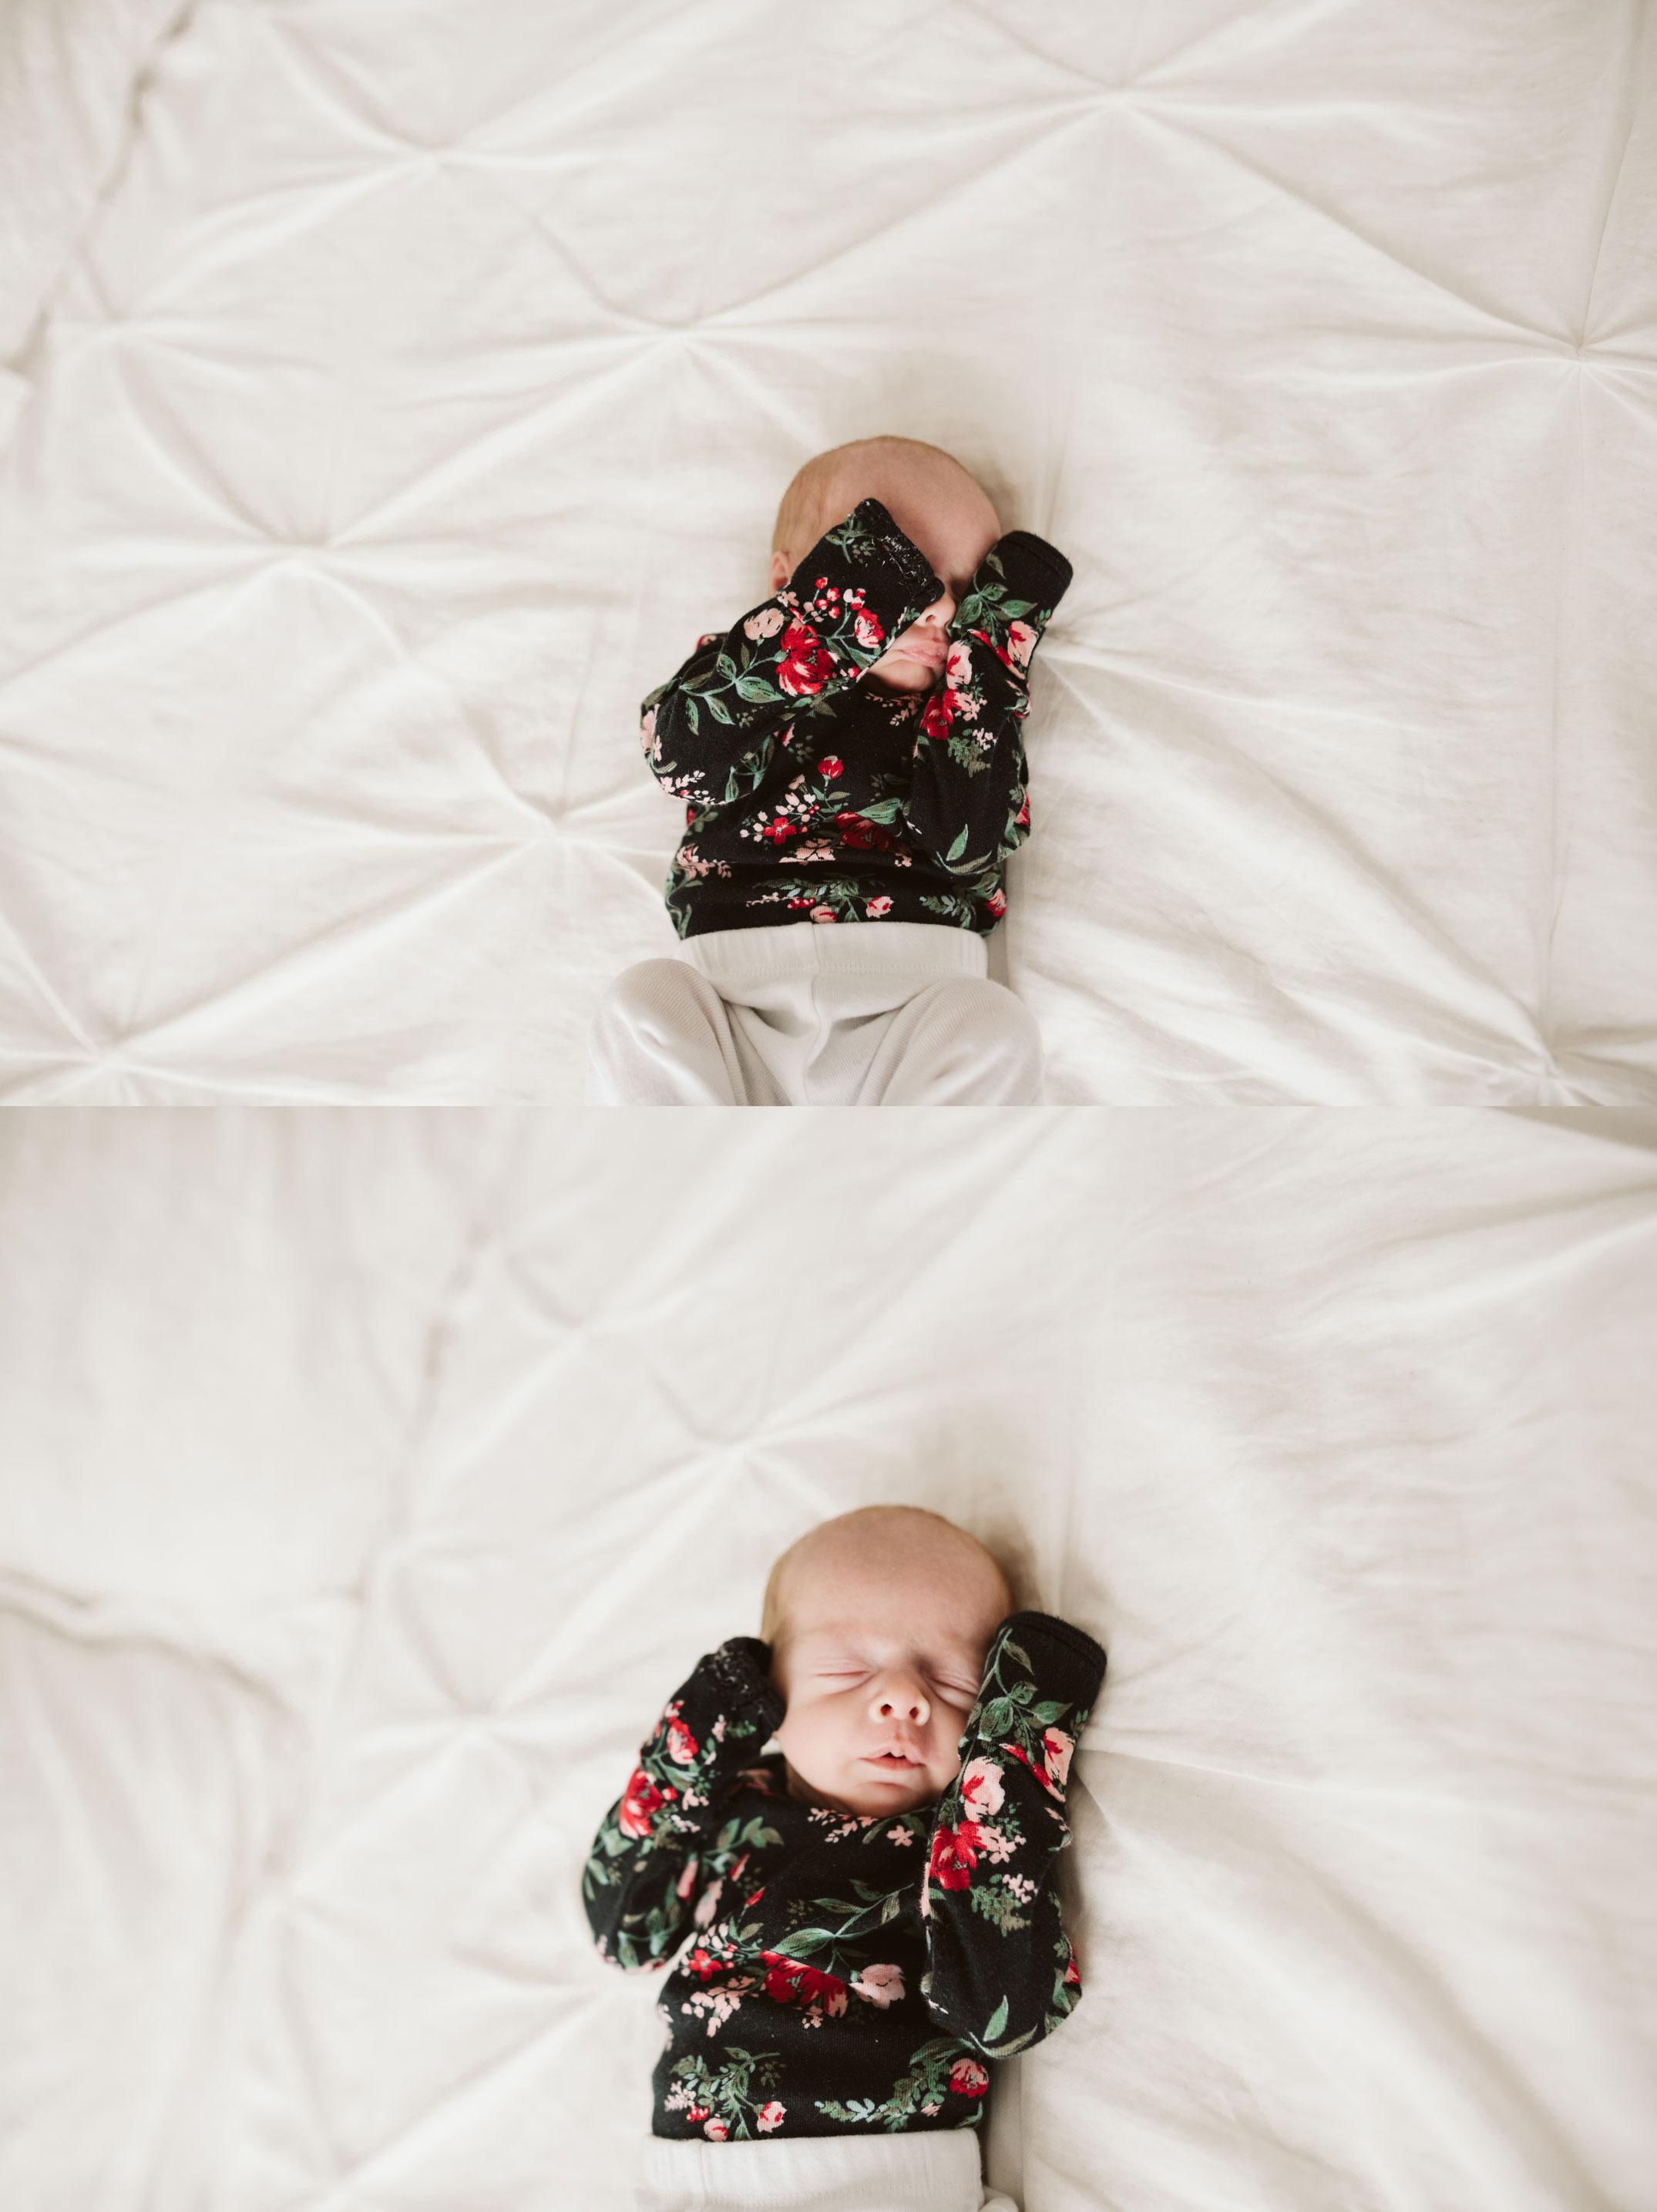 cute baby girl covering eyes